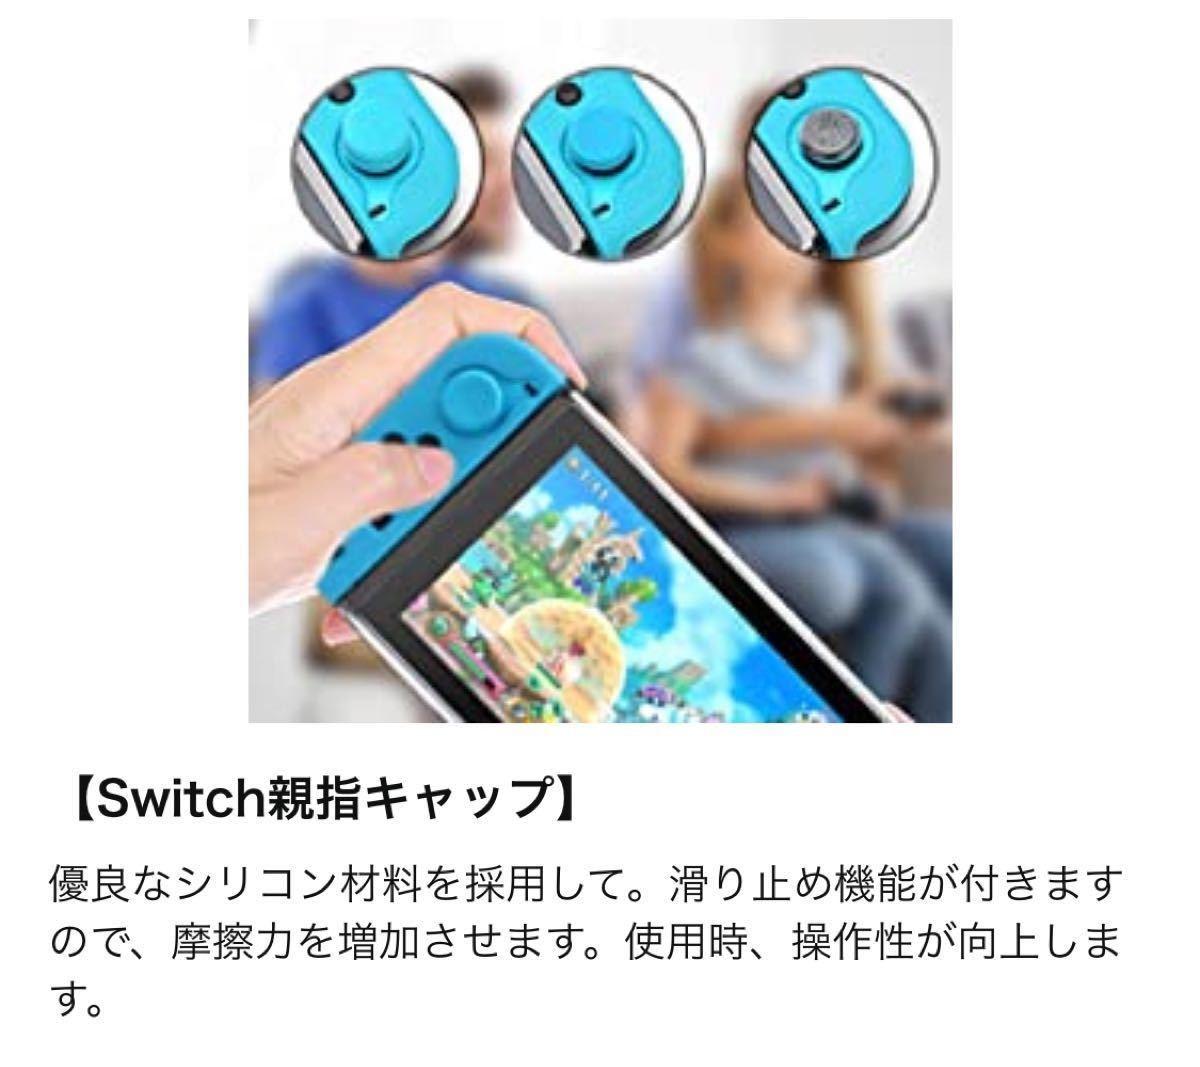 ニンテンドー スイッチ カバー Switch カバー+親指キャップ4個